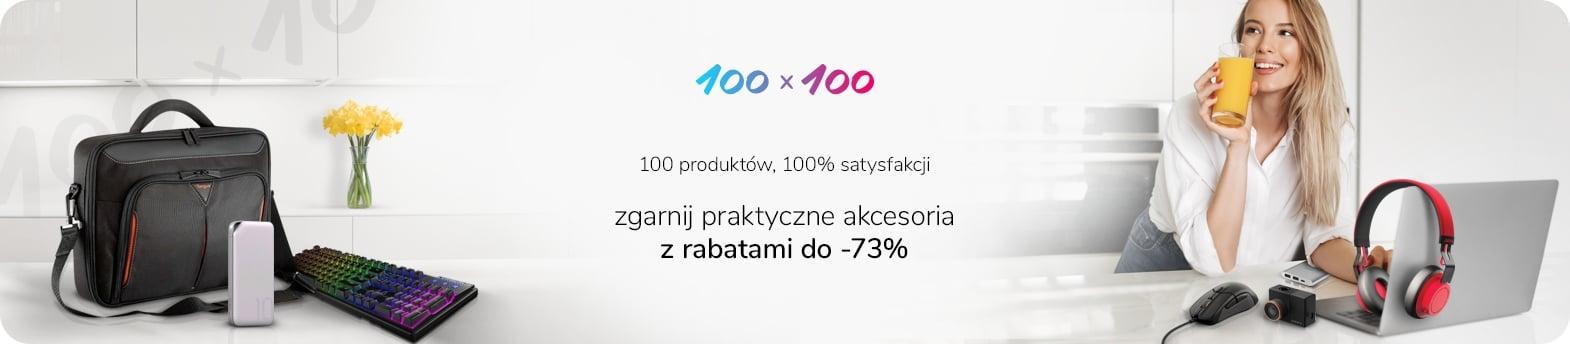 Promocja 100x100 w x-kom, a w niej rabaty do -73% na akcesoria